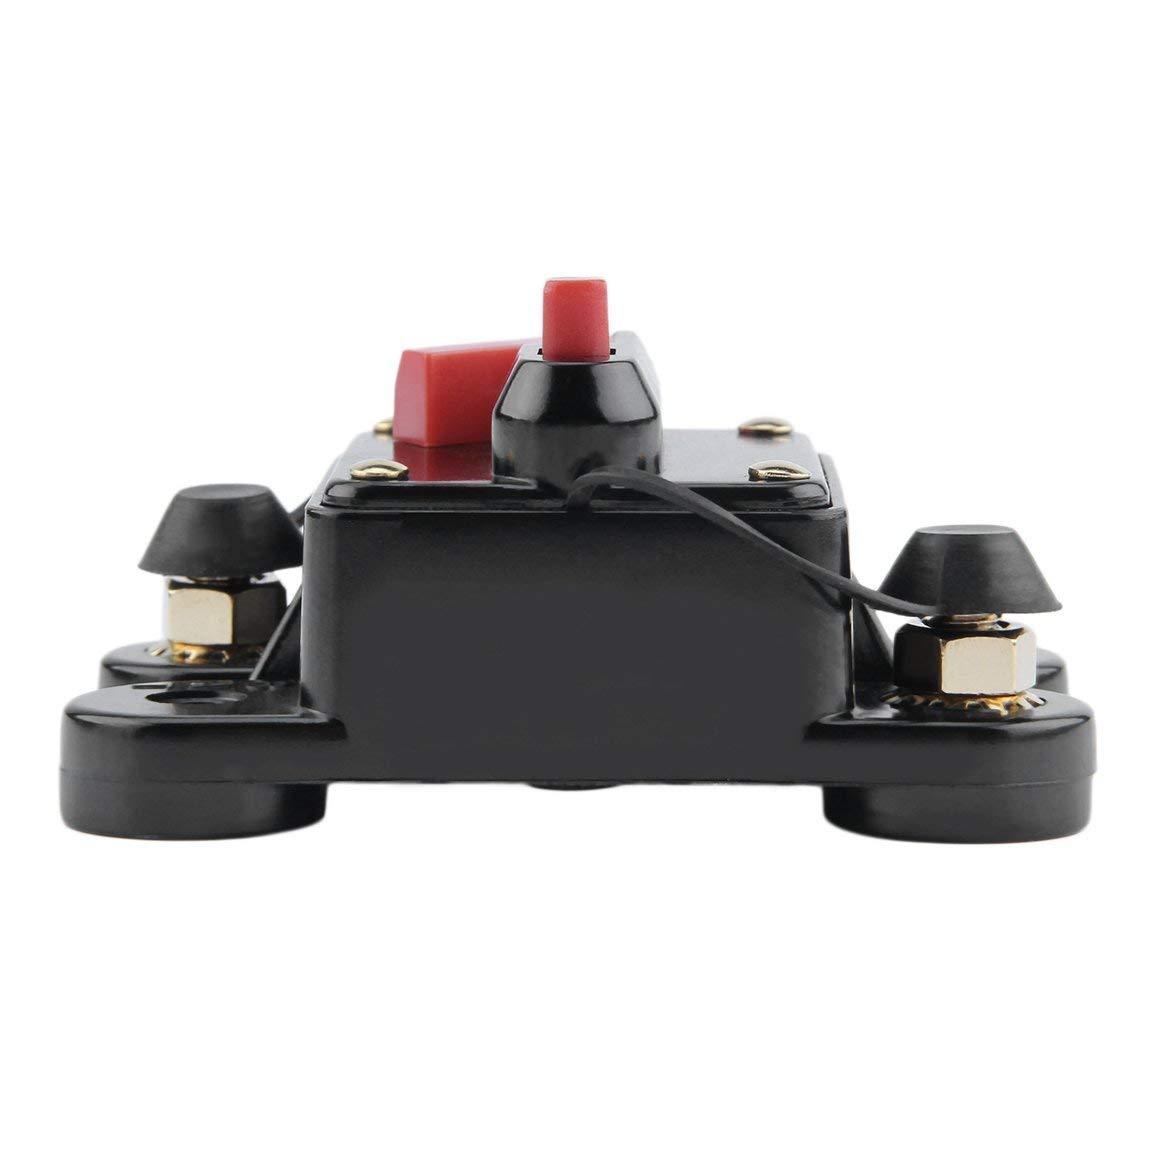 Estilo: 60A Funnyrunstore 50A 60A 80A 100A 125A 150A 200A 250A opcional Fusible de disyuntor en l/ínea de audio del coche para 12V protecci/ón SKCB-01-100A